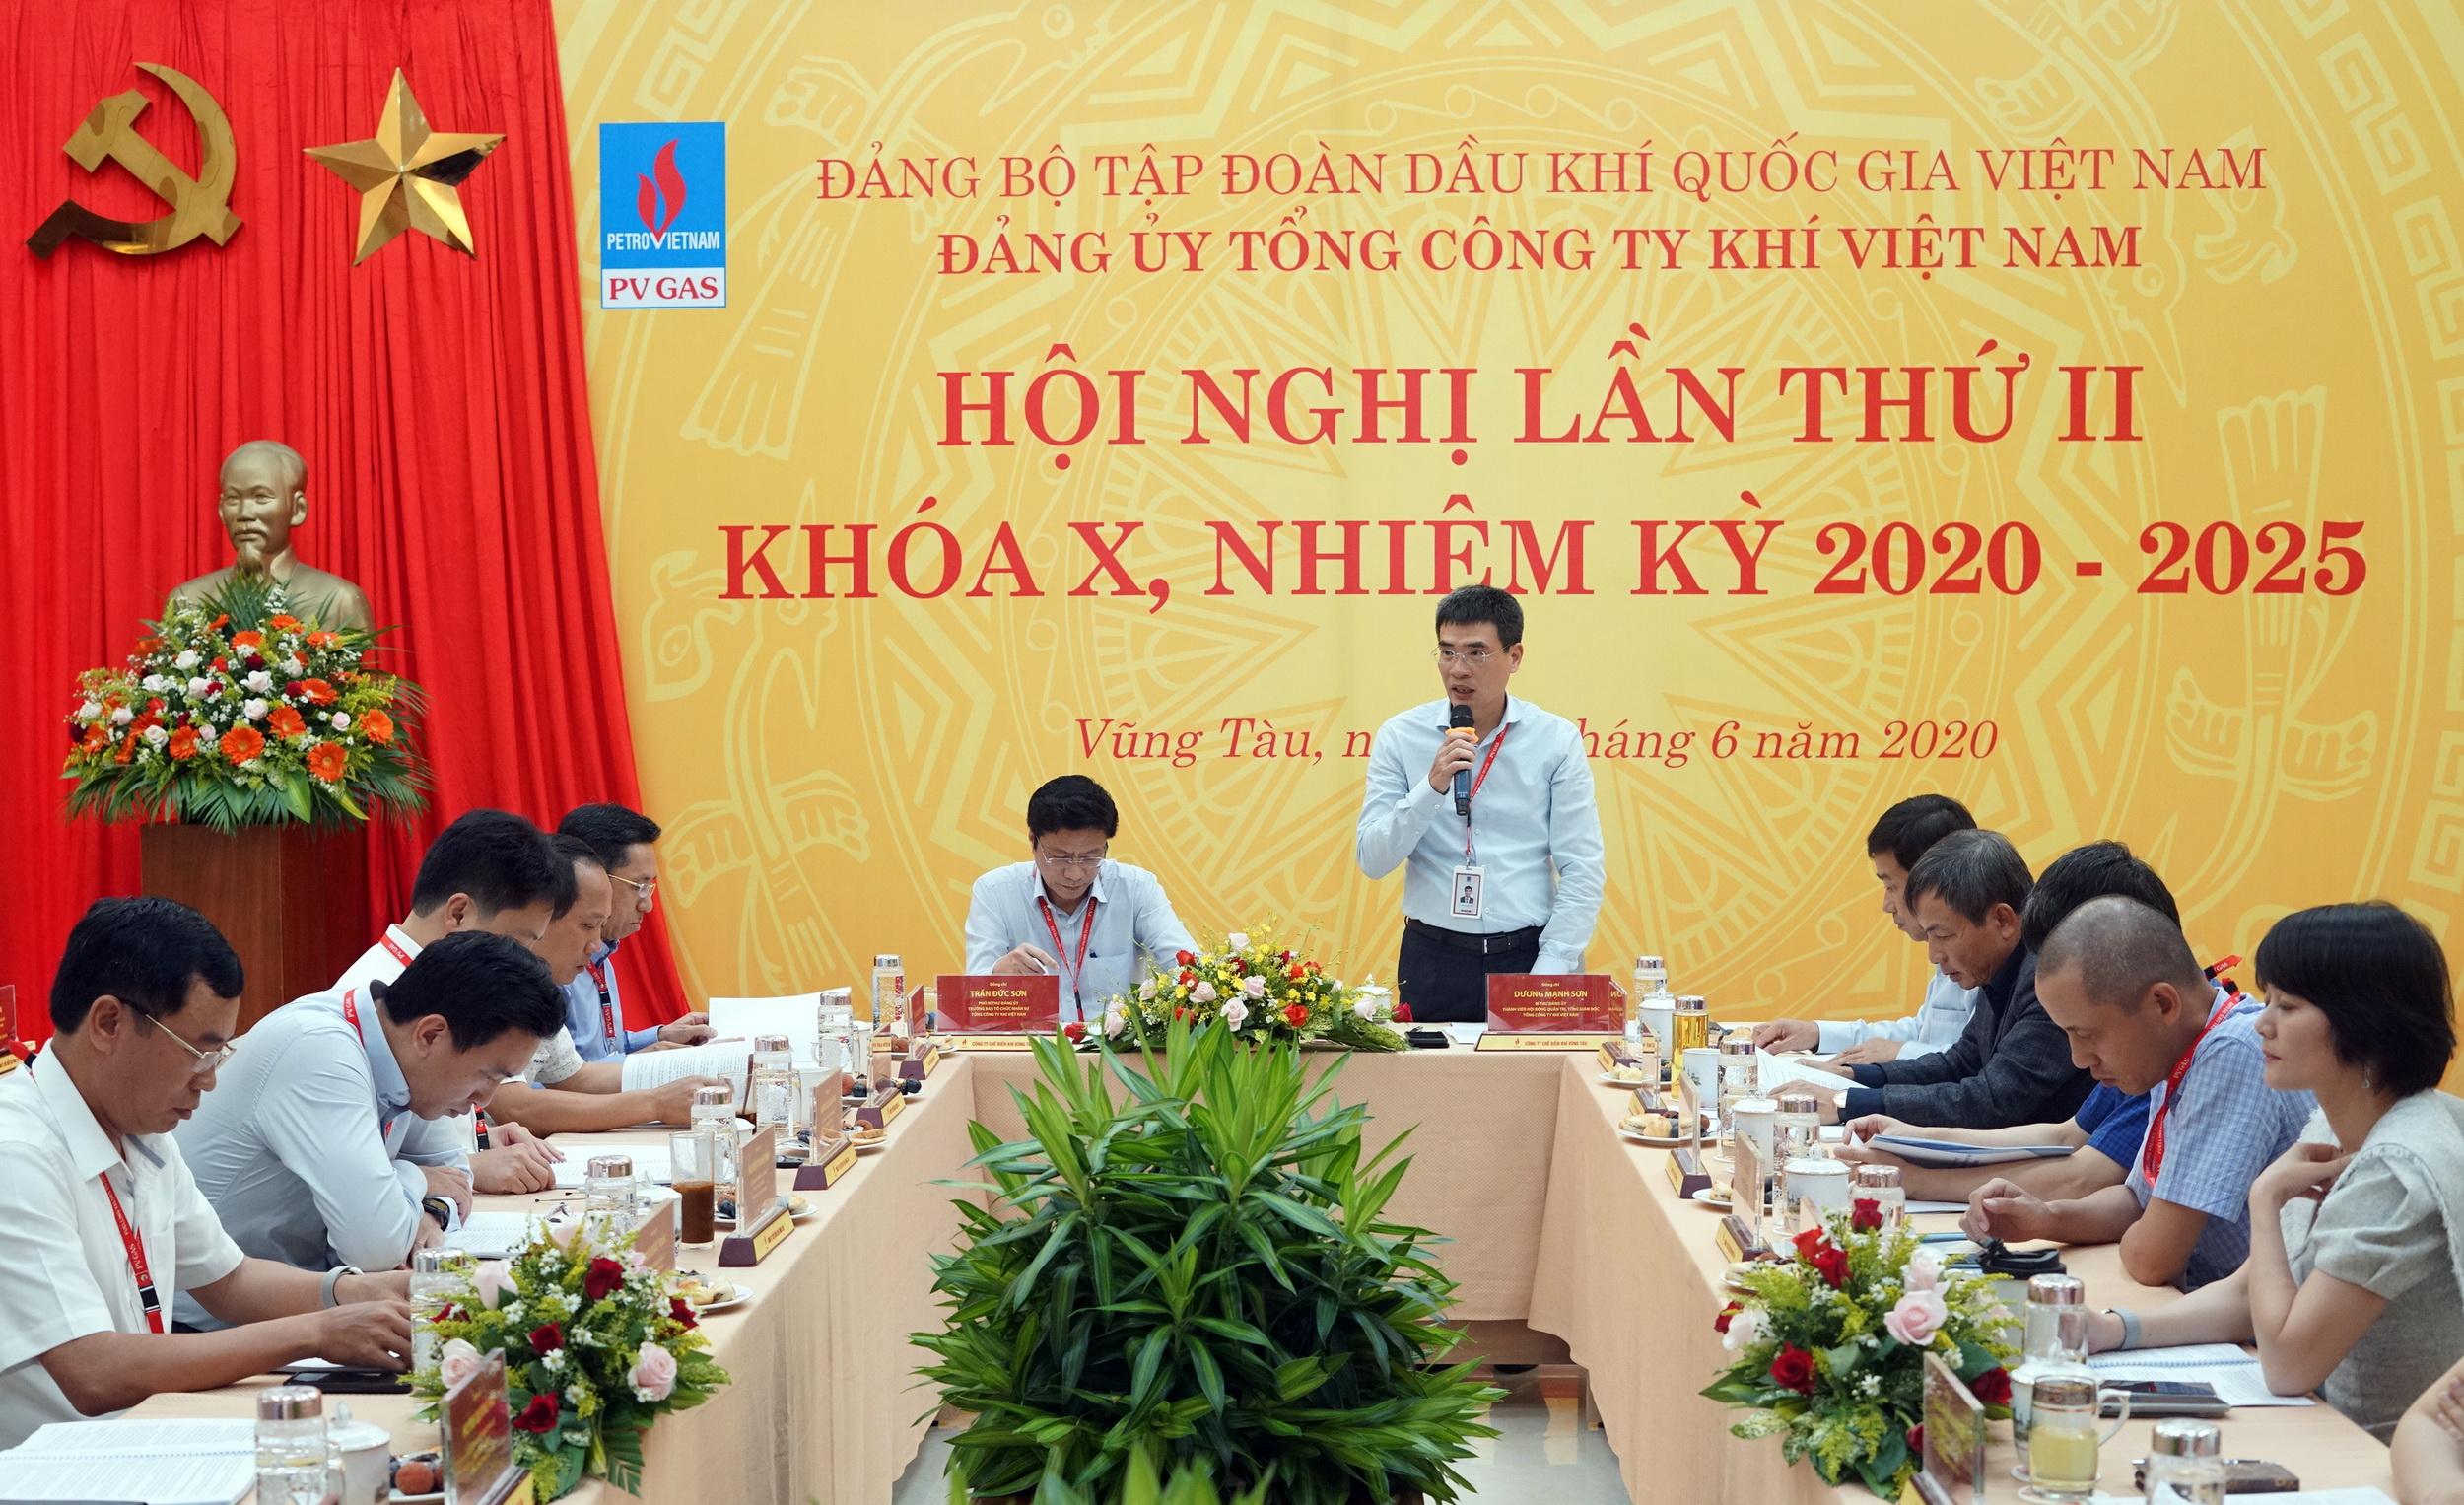 Bí thư Đảng ủy PV GAS Dương Mạnh Sơn khai mạc Hội nghị